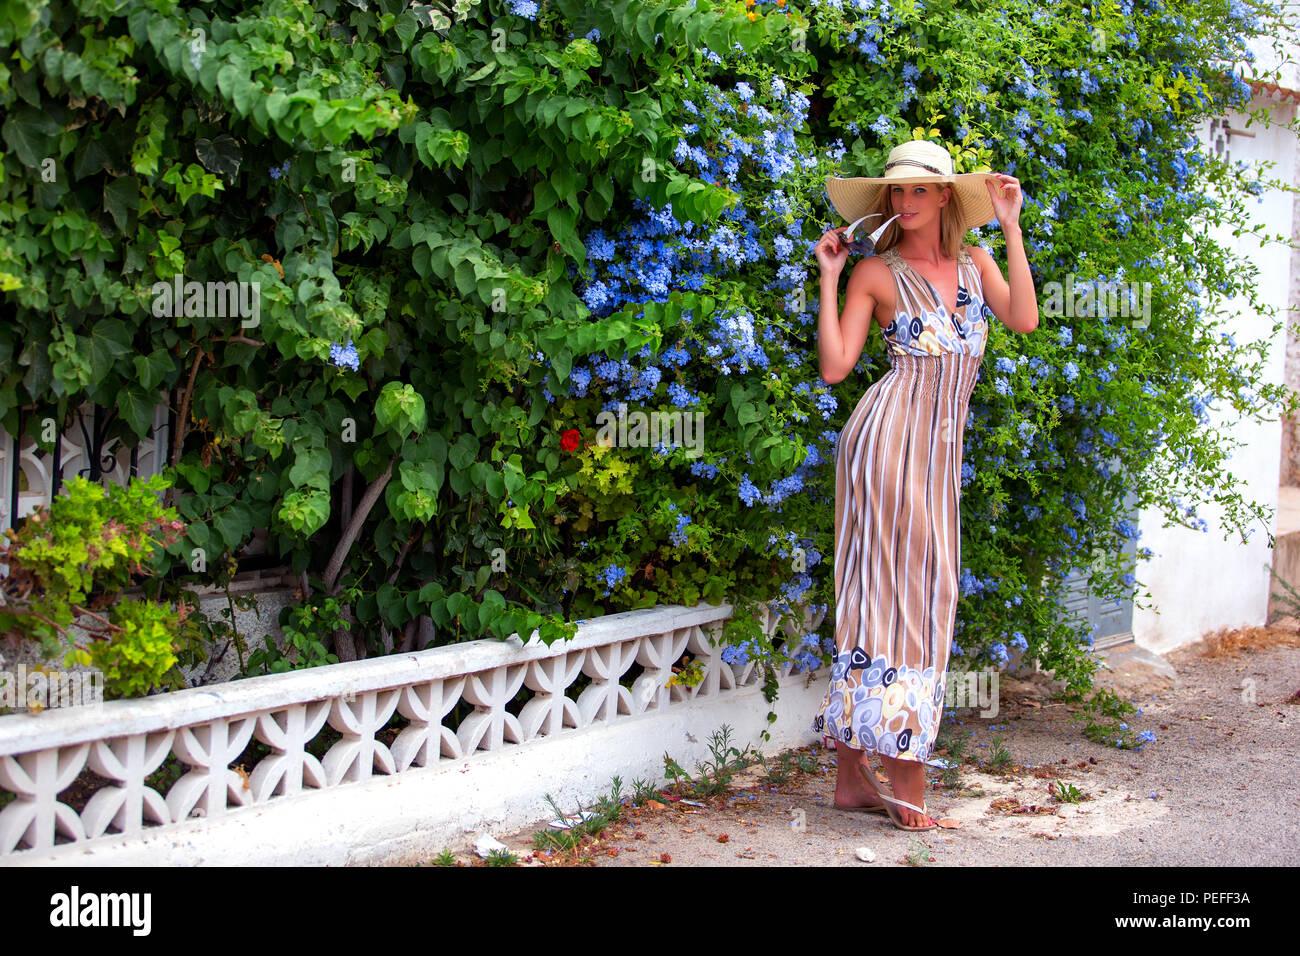 Tall rubio mujeres de pie en la acera en frente de un jardín español viste una larga stripey vestido y un sombrero de ala ancha. Imagen De Stock